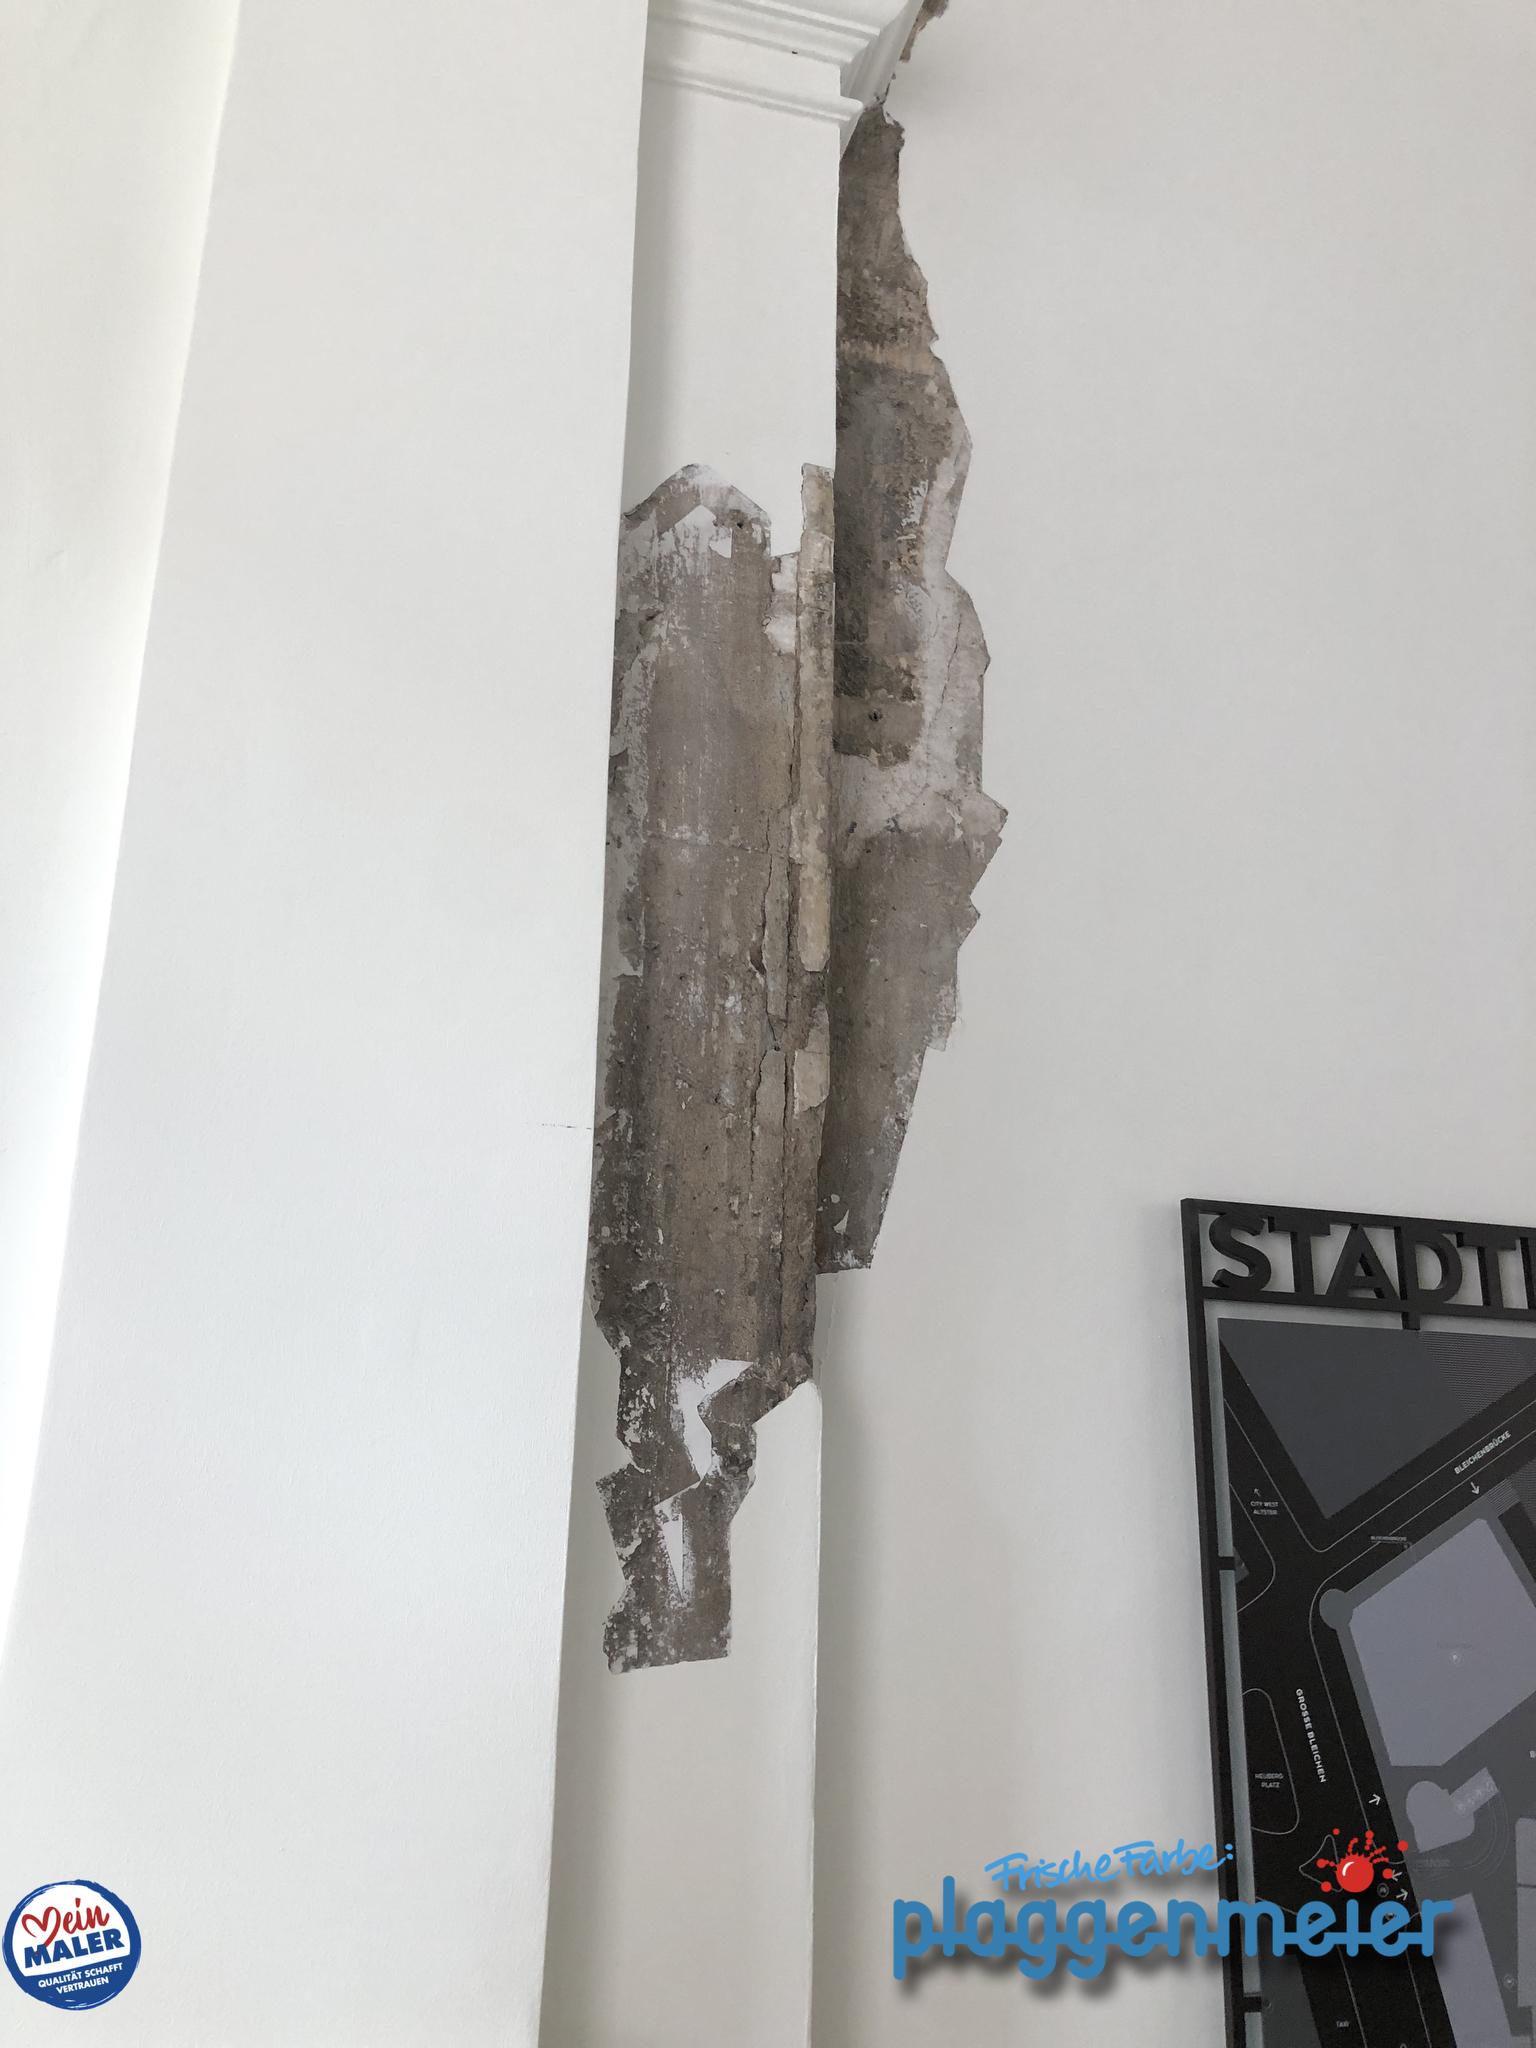 So konservieren wir auf Wunsch den Sanierungsprozess und erhalten als Denkmalschutz-Maler aus Bremen alles für die Nachwelt.